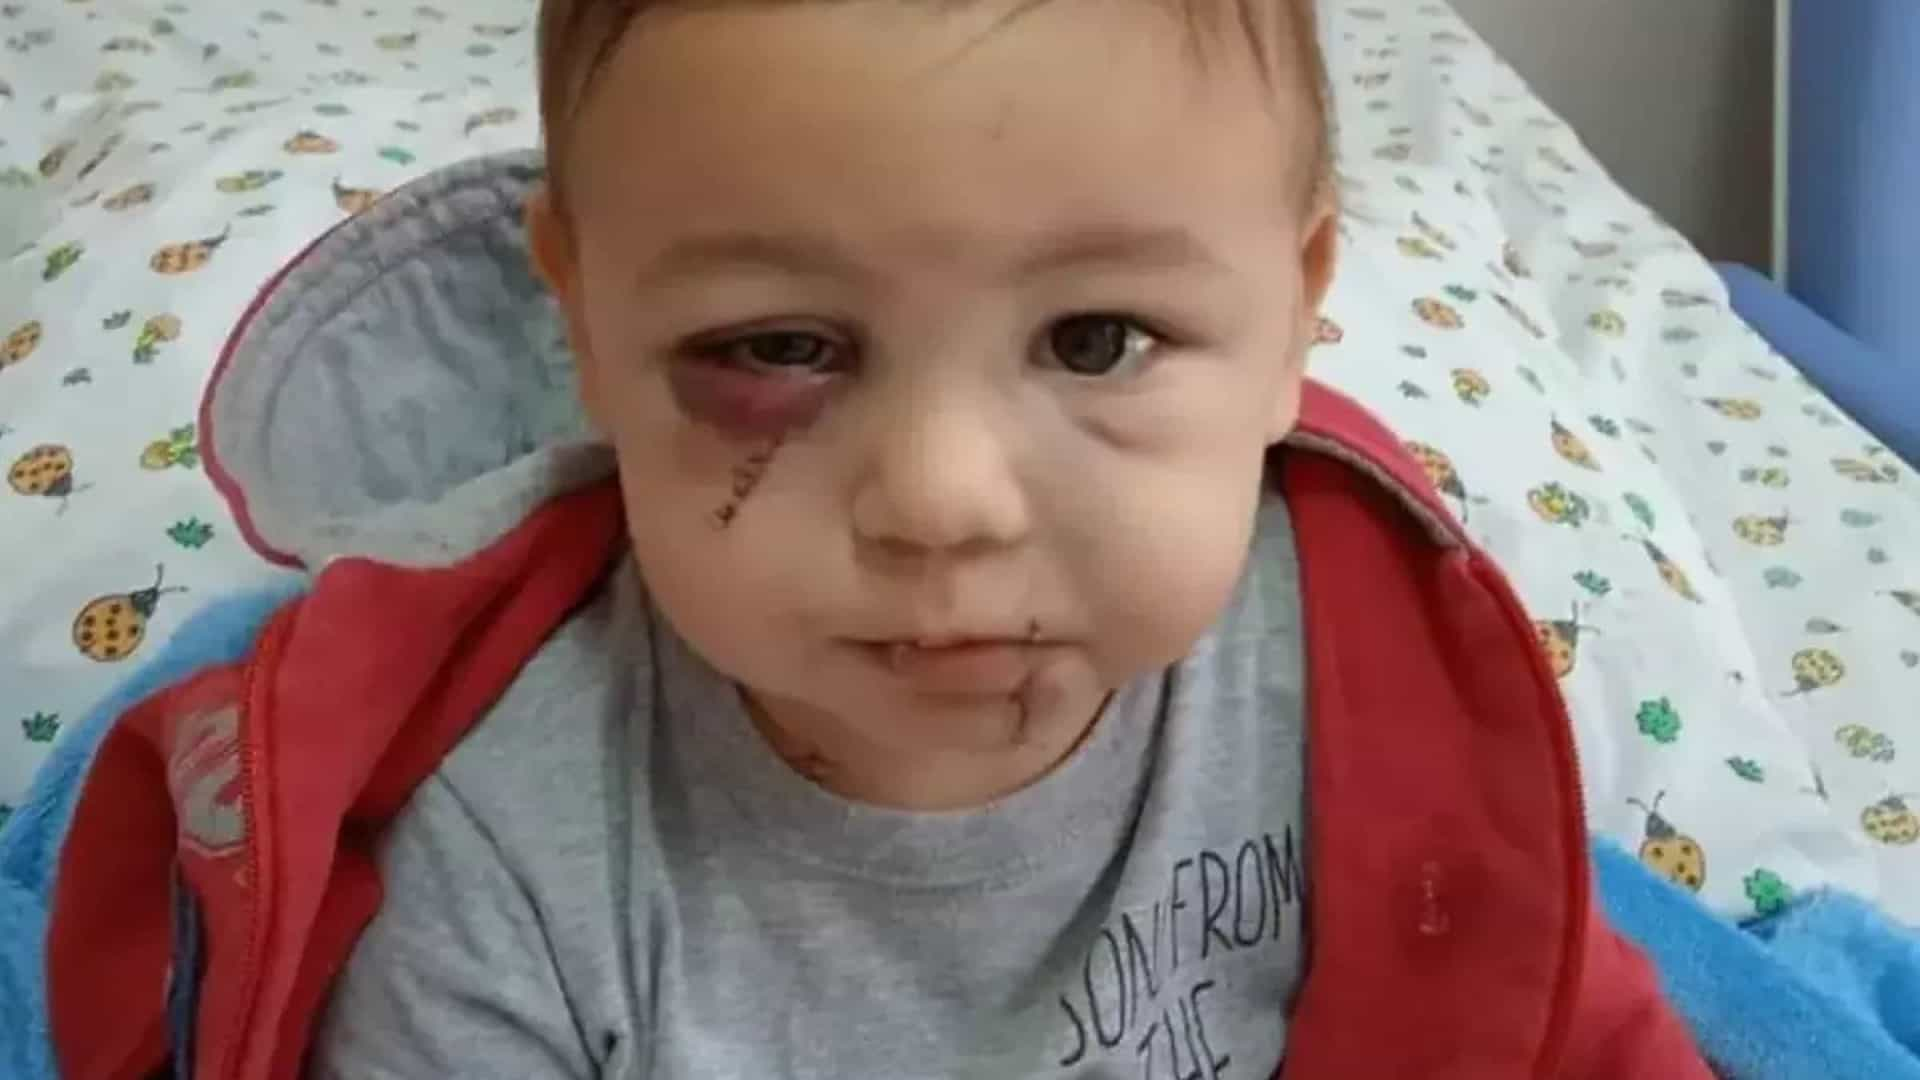 Único sobrevivente de ataque a creche em Saudades (SC), bebê tem alta